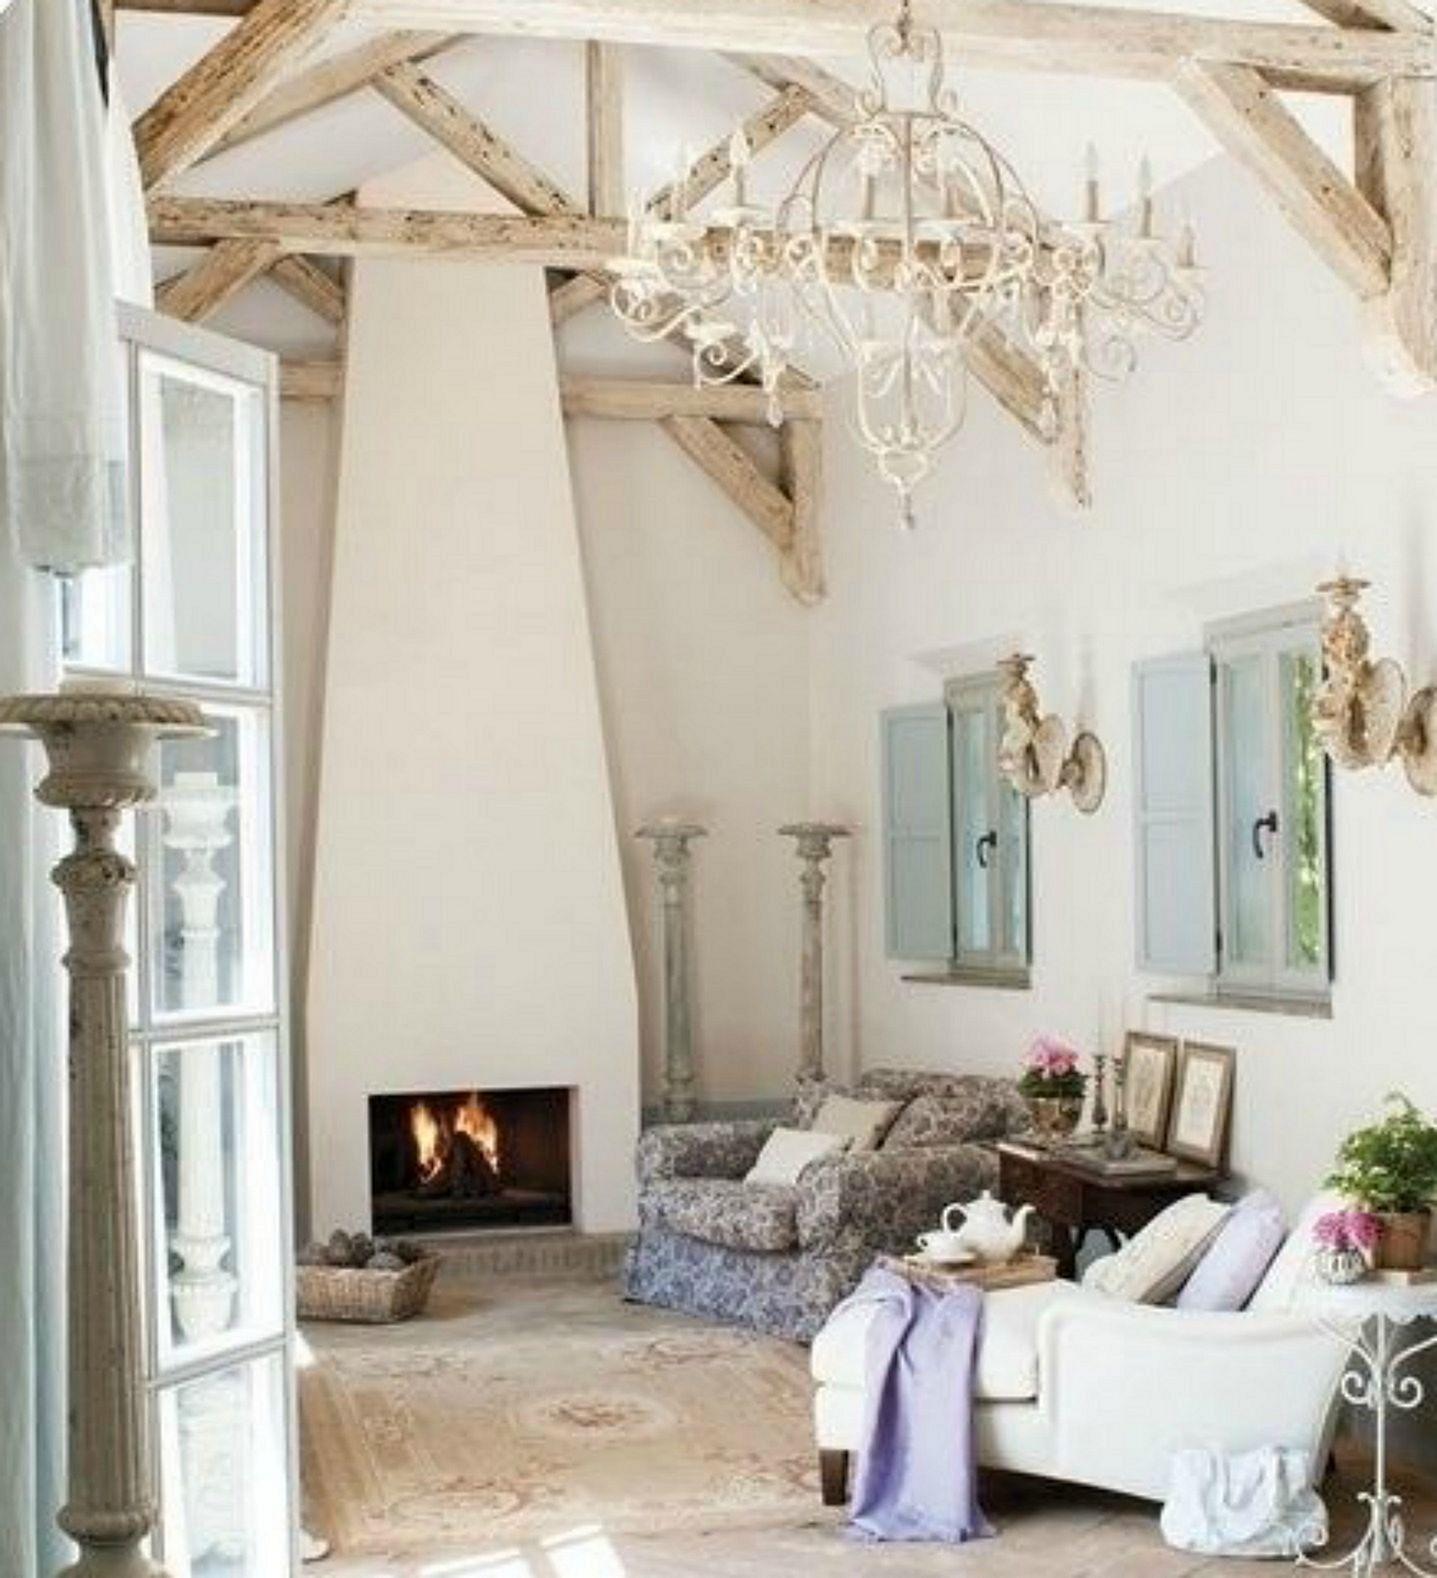 Top 10 Gorgeous European Farmhouse Design And Decoration Ideas Decor It S Farmhouse Interior French Farmhouse Decor European Farmhouse